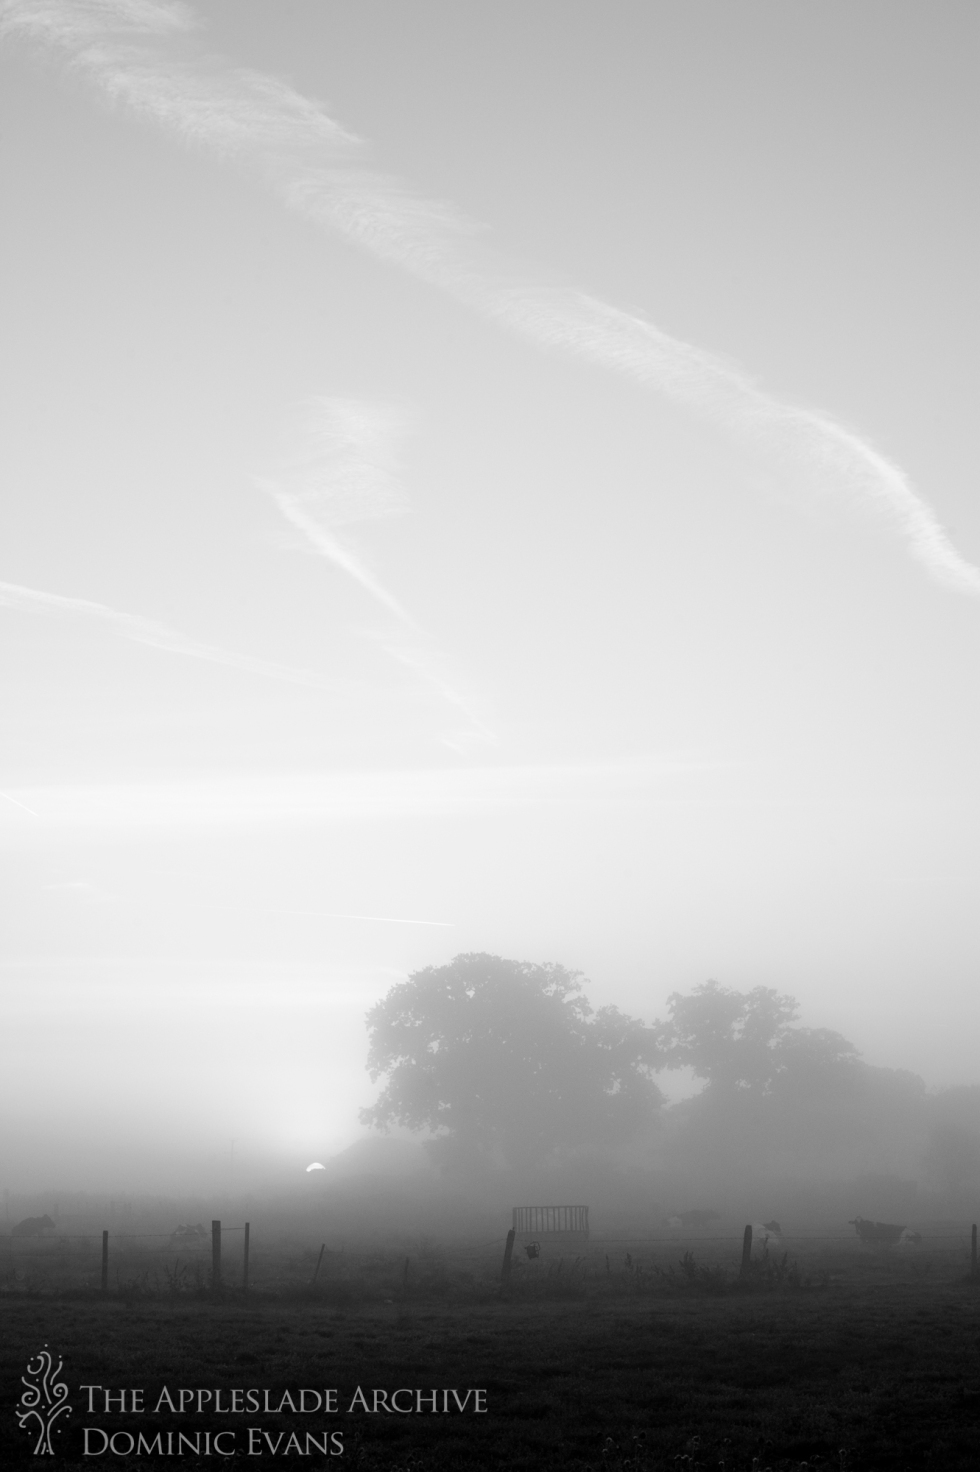 Early morning mist over the fields, Ayles Farm, Avon, Dorset, 15th Sept 2013